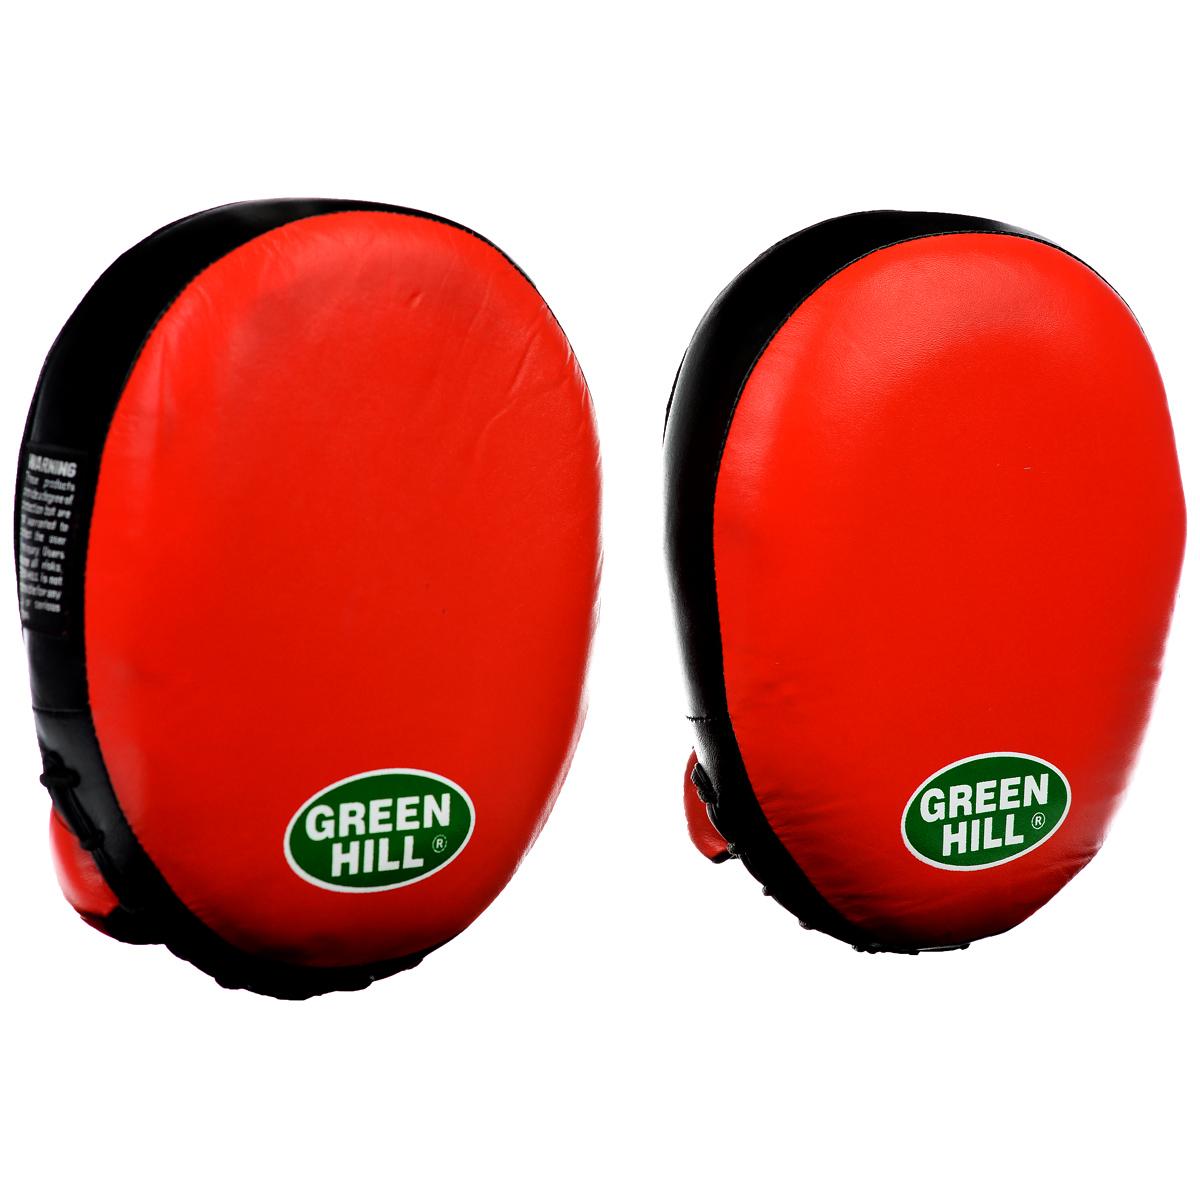 Лапы боксерские Green Hill Super, 2 штFMS-5014Боксерские лапы Green Hill Super имеют вид уплотненной подушки овальной формы. Служат для отработки точности и скорости ударов. Ударная поверхность имеет углубление. Верх сделан из натуральной кожи. Плотный наполнитель обеспечивает отличную фиксацию удара. Лапы удобно сидят на руке, их анатомическая форма позволяет снизить нагрузку во время тренировки. Запястье плотно и надежно фиксируется. В комплекте 2 лапы. Подходят для всех уровней подготовки. Размер лапы: 26 см х 19 см х 7 см.